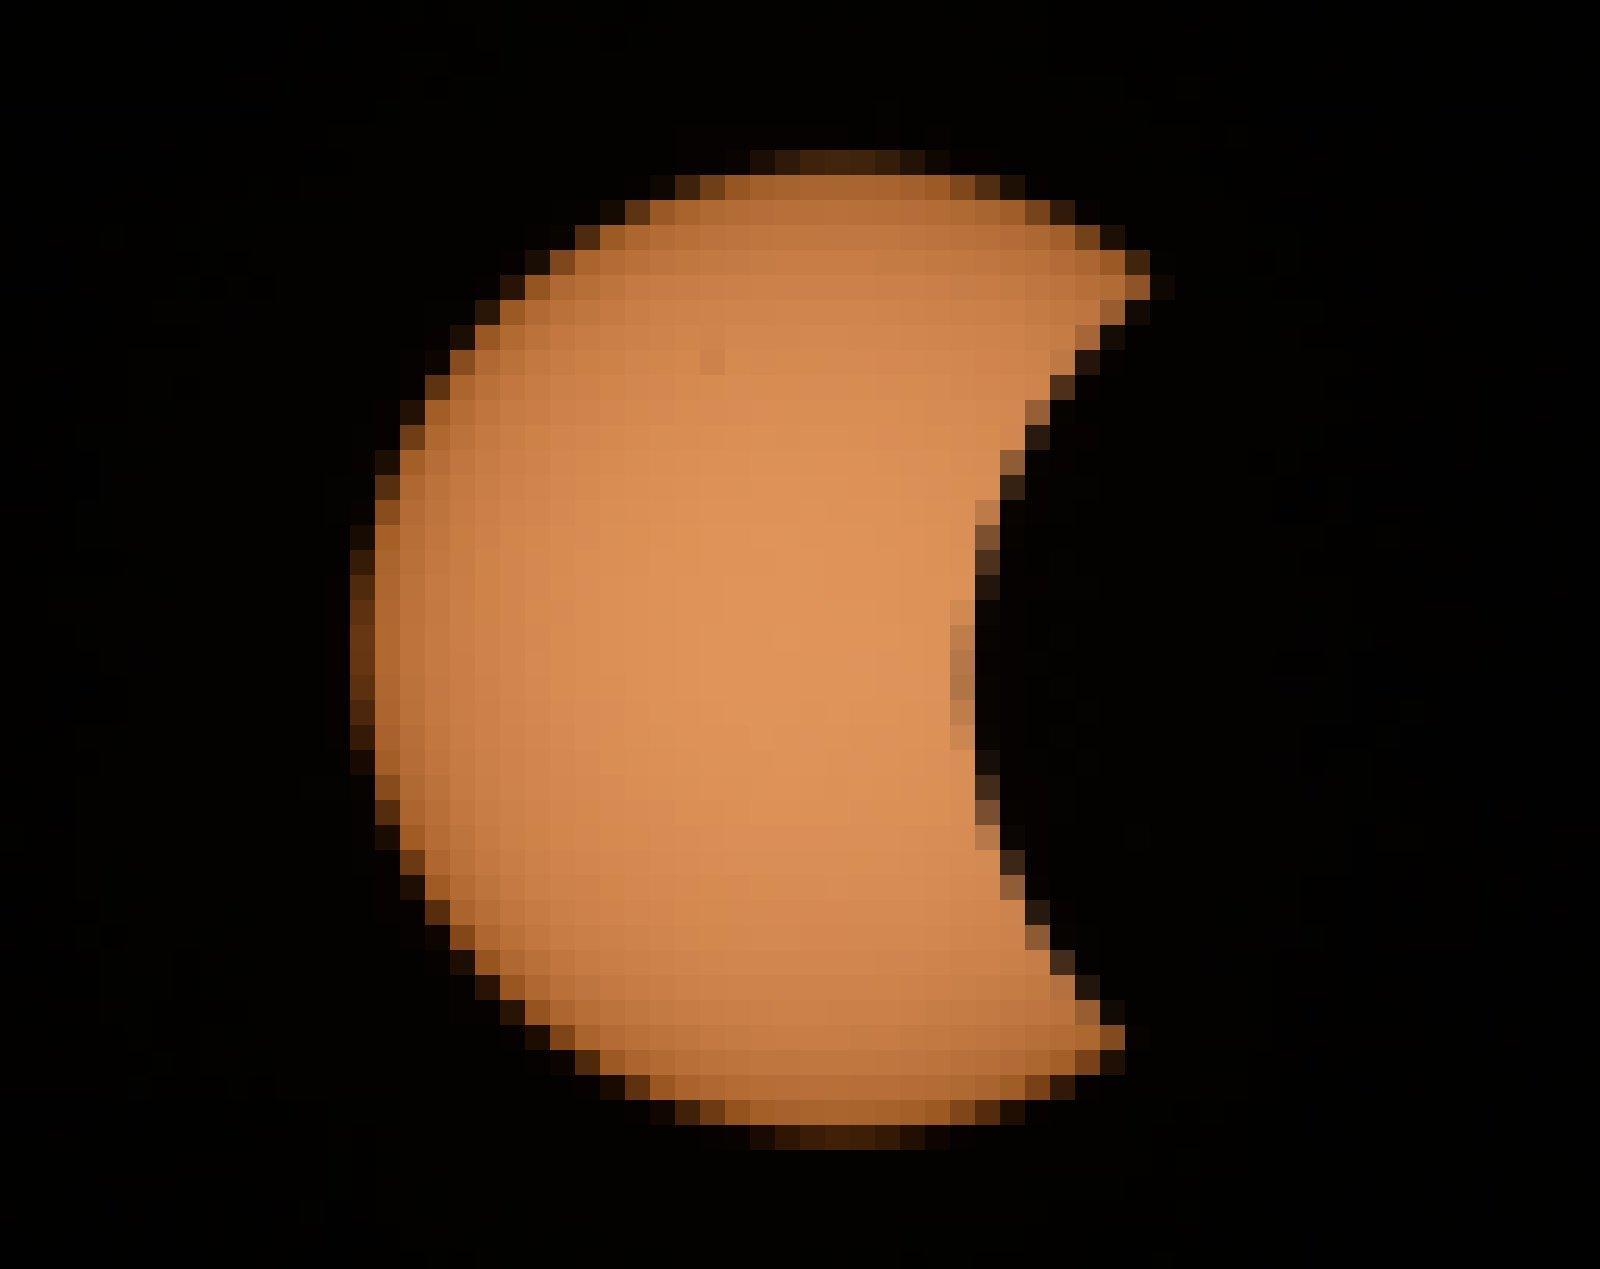 Die Sonne bei der partiellen Sonnenfinsternis vom 20. März 2015, zu etwa 12Prozent bedeckt.